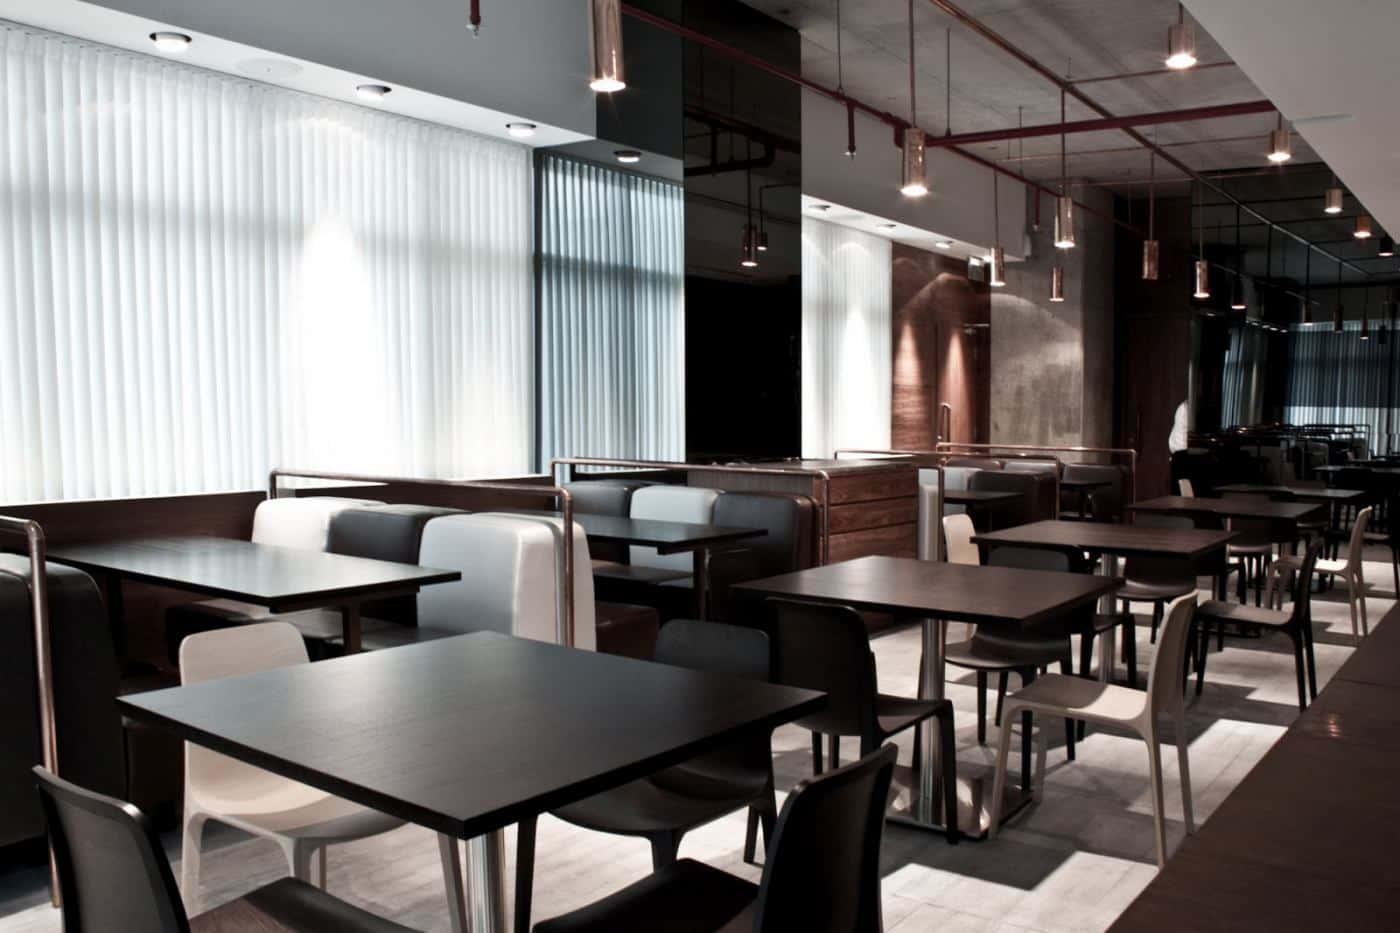 mau thiet ke nha hang dep thiet ke noi that nha hang13 - Thiết kế thi công nhà hàng đẹp sang trọng